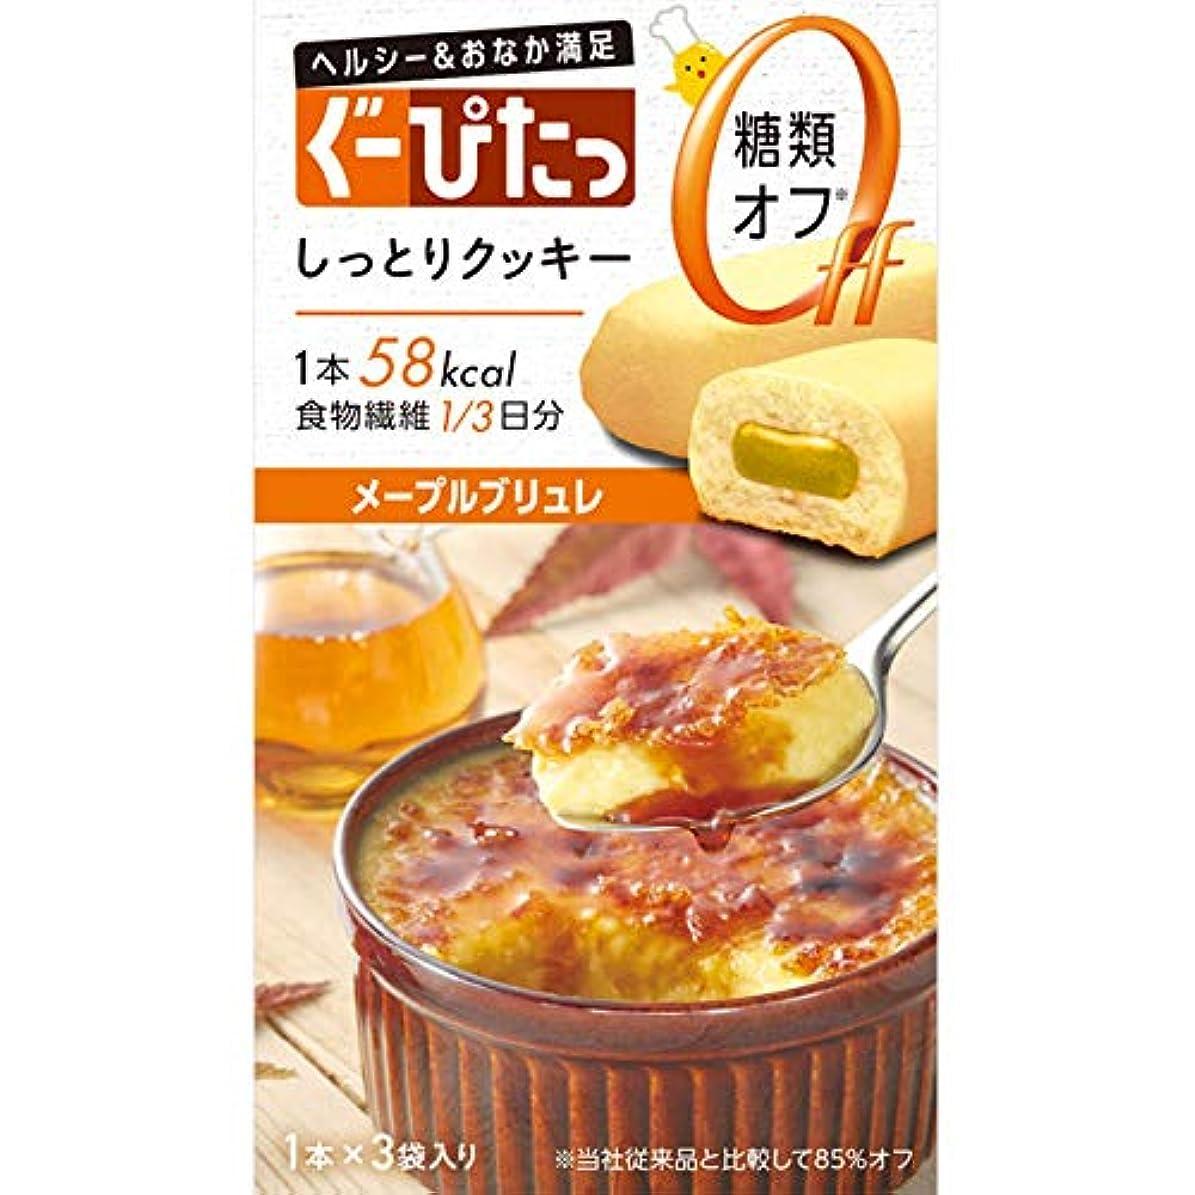 契約したバンク健康ナリスアップ ぐーぴたっ しっとりクッキー メープルブリュレ (3本) ダイエット食品